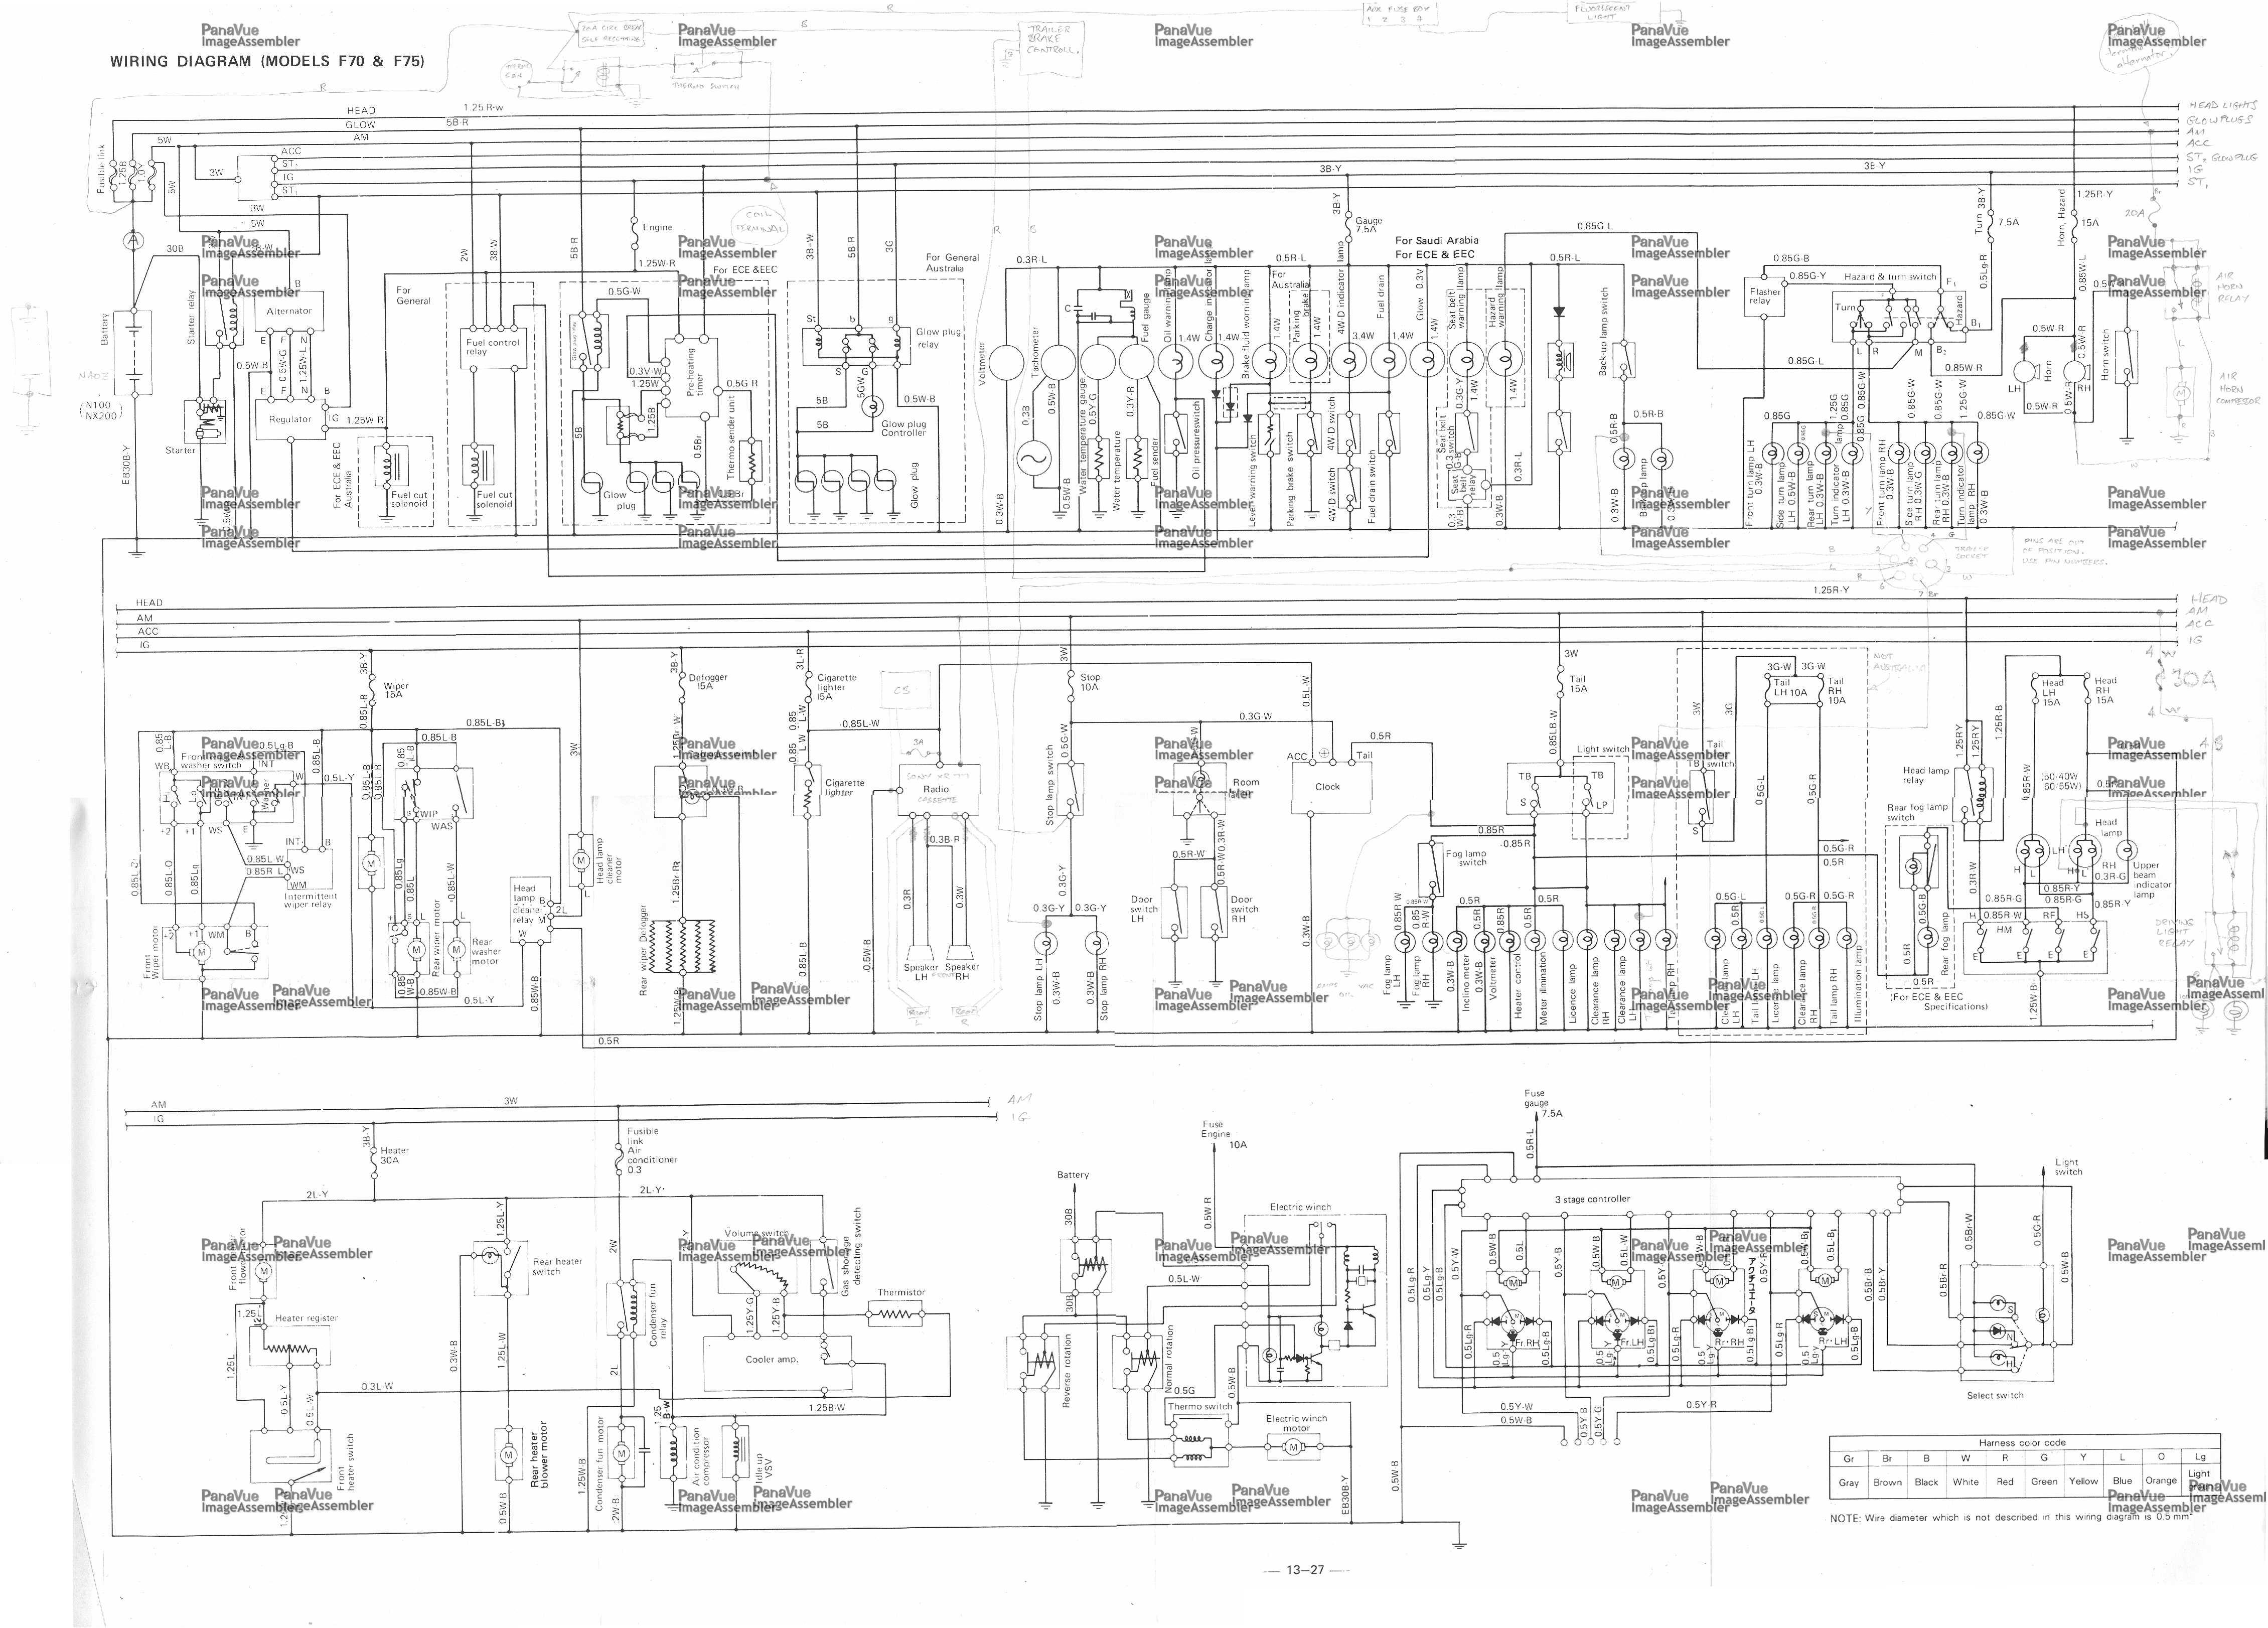 Wrg 4274 Diagram 240v Marley Wiring Plf1504da